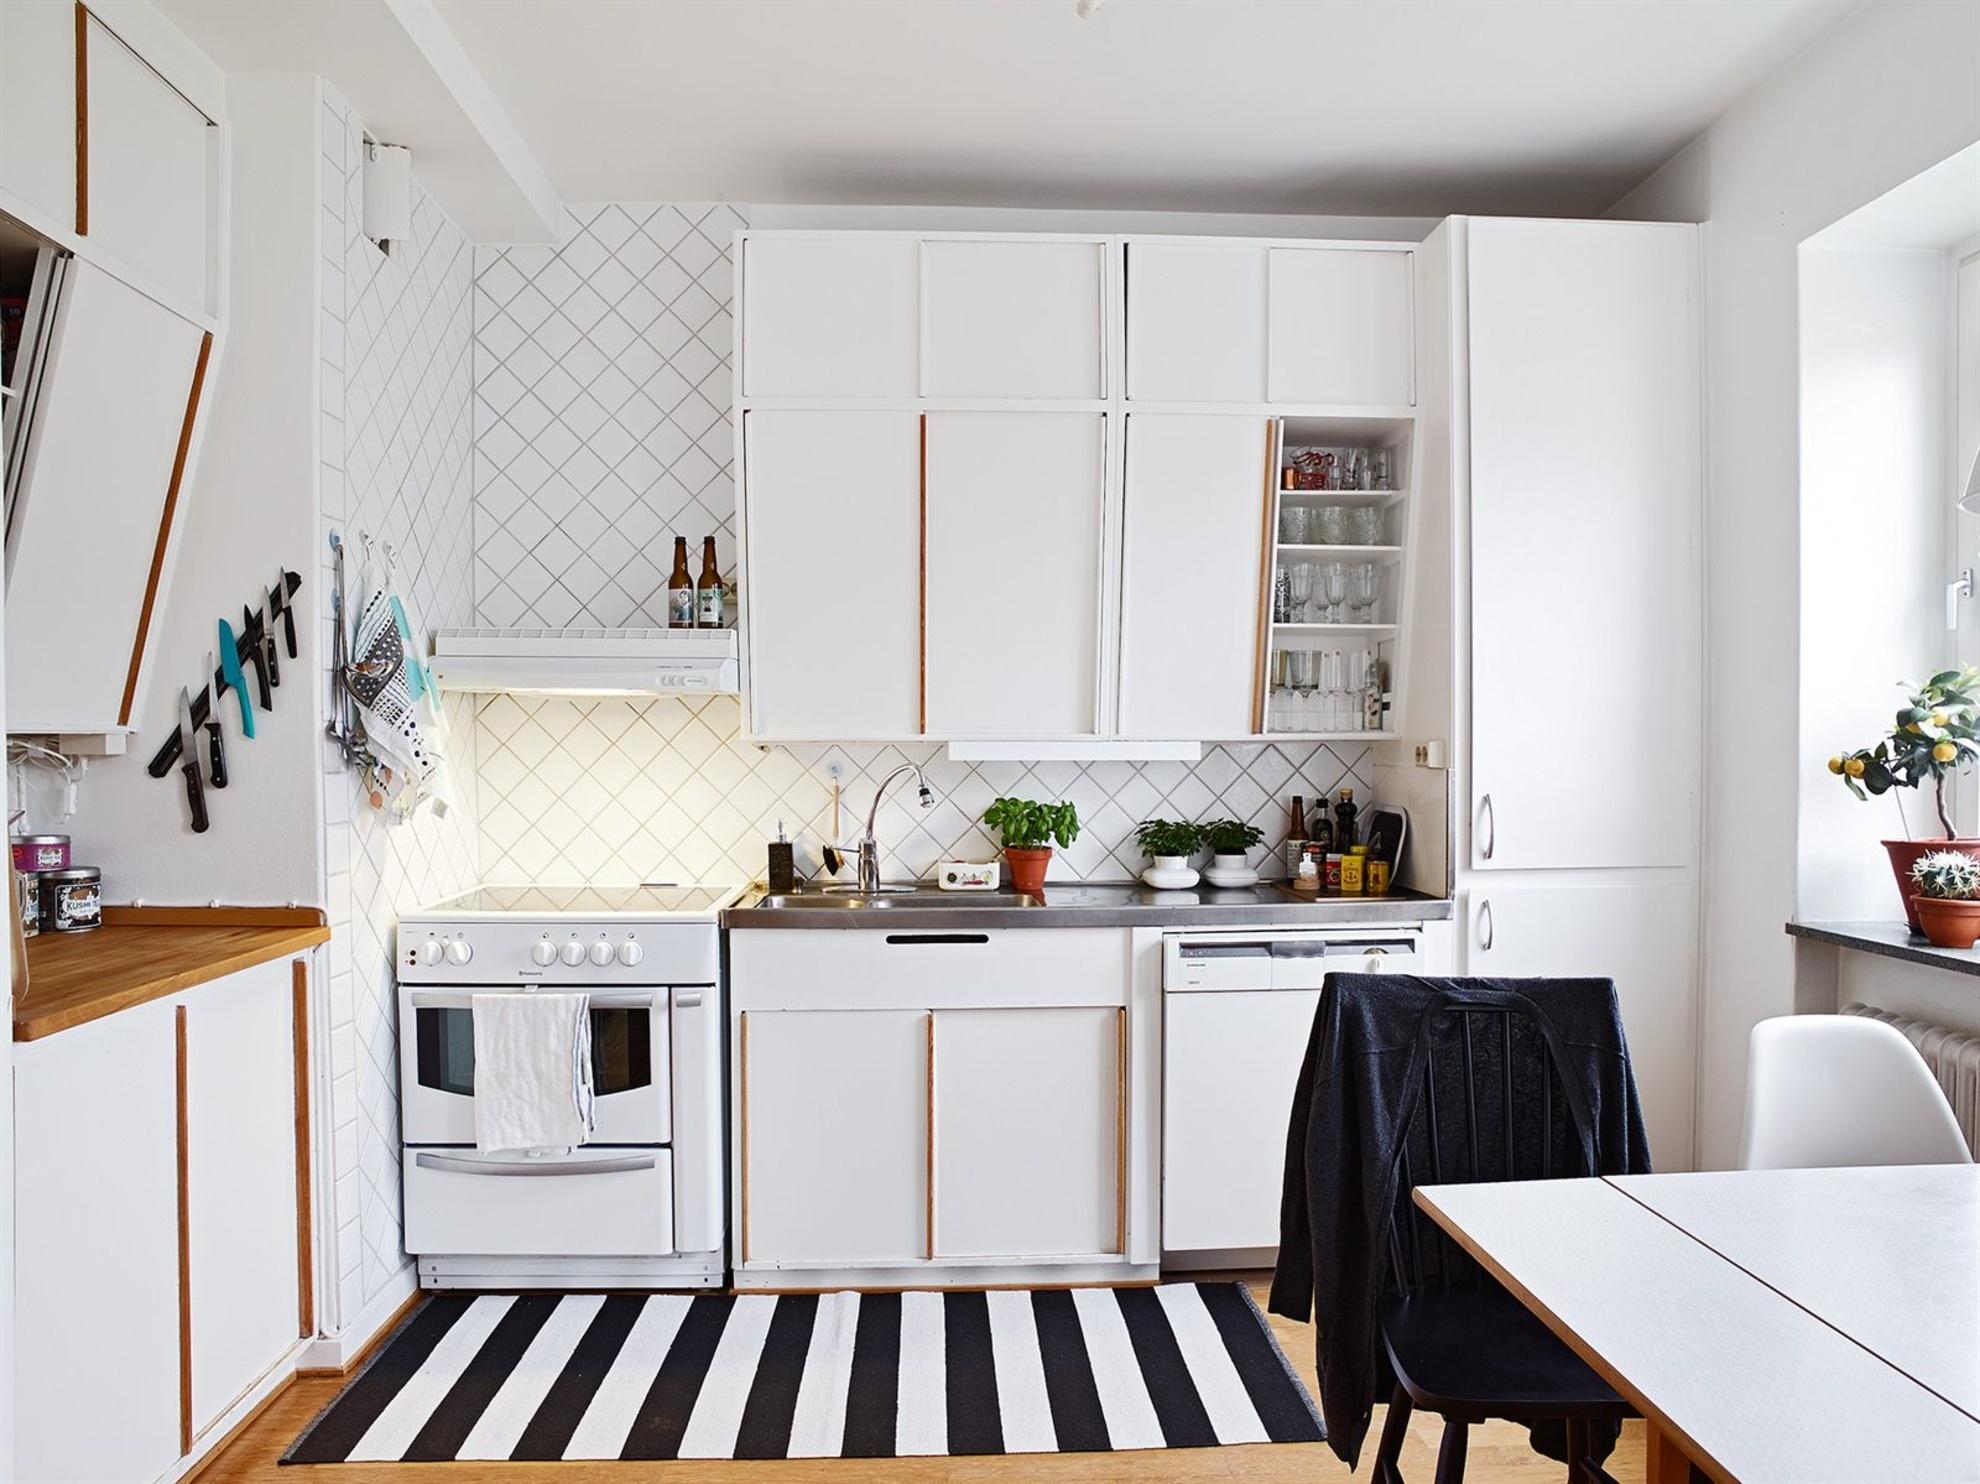 温和宜家的大型厨房隔断装修设计效果图